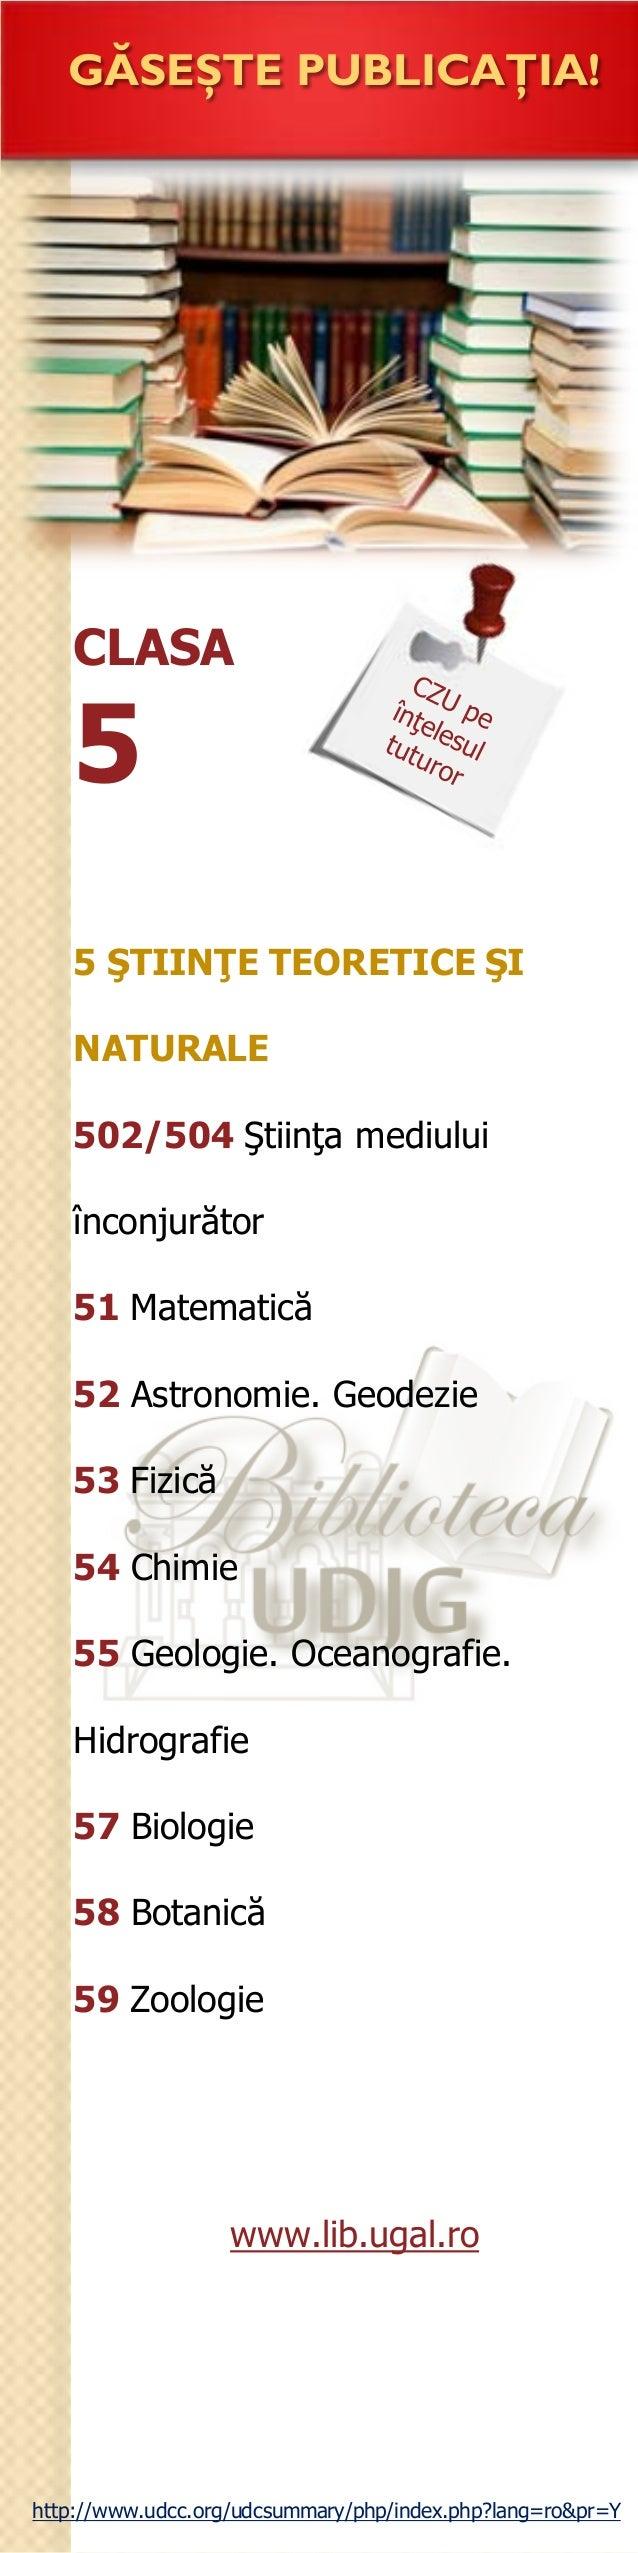 CLASA 5 GĂSEŞTE PUBLICAŢIA! 5 ŞTIINŢE TEORETICE ŞI NATURALE 502/504 Ştiinţa mediului înconjurător 51 Matematică 52 Astrono...